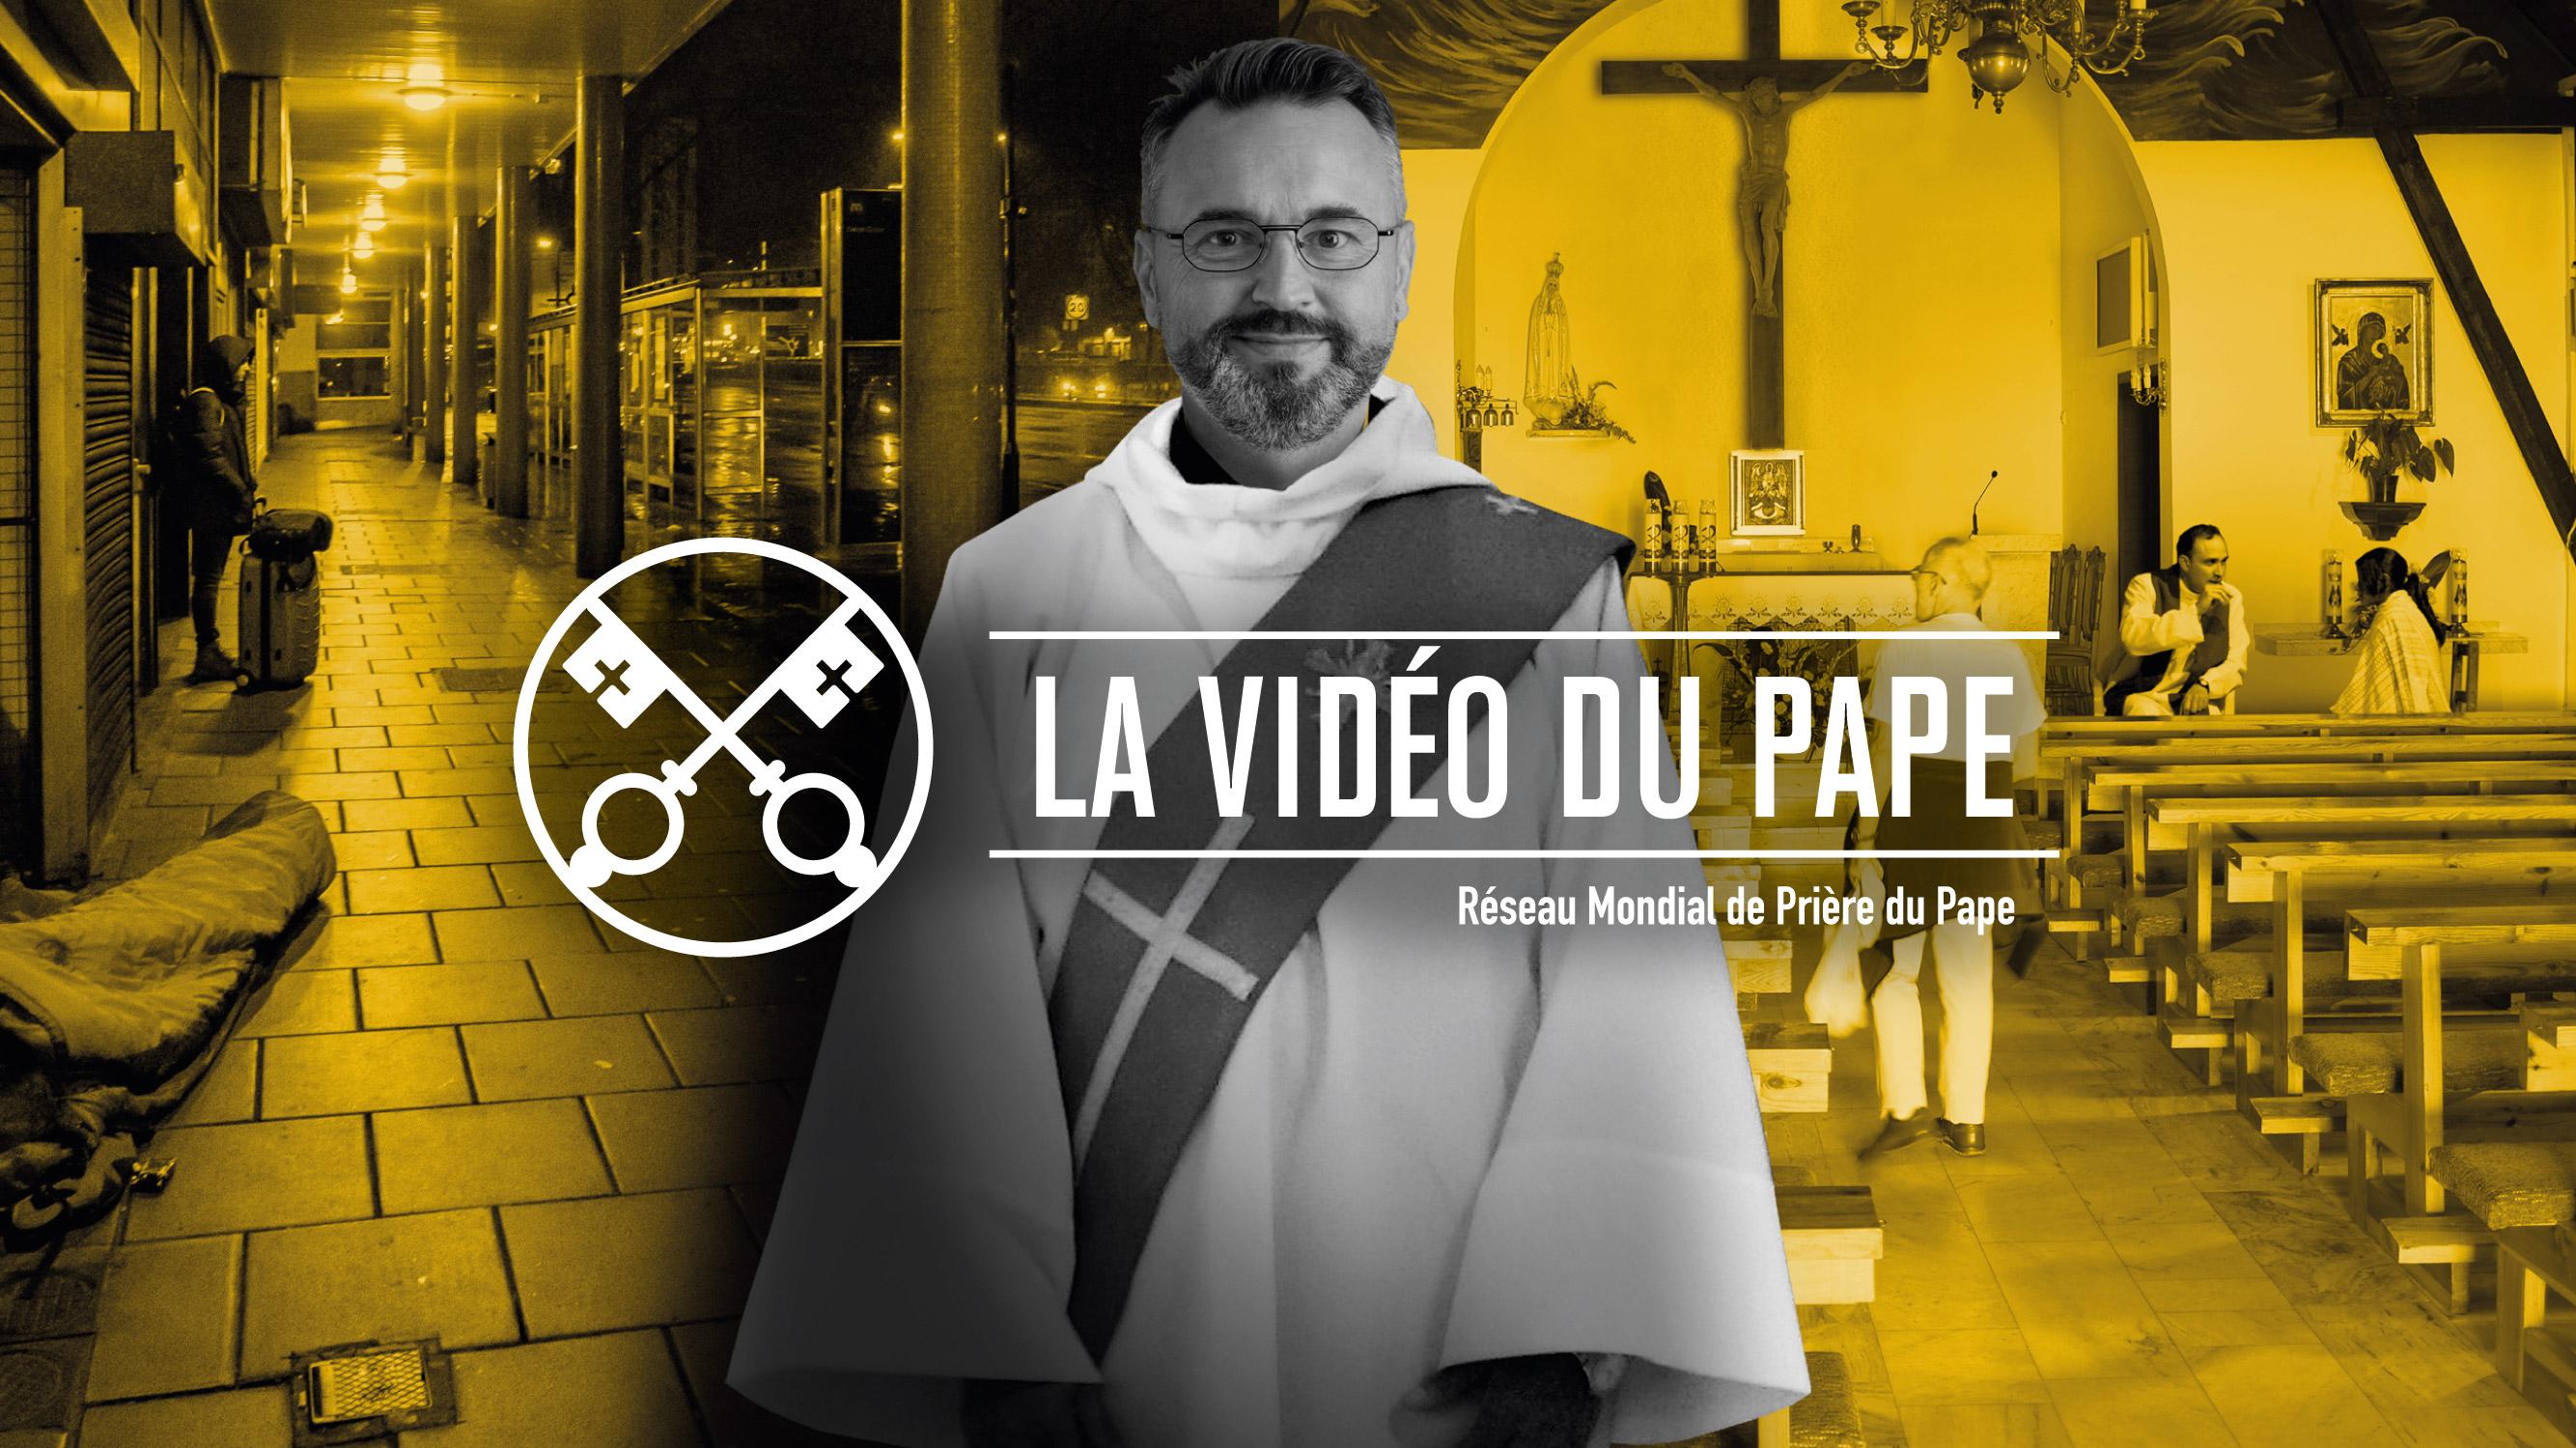 Gardiens du service dans l'Eglise,  les diacres sont le sujet de La Vidéo du Pape de mai